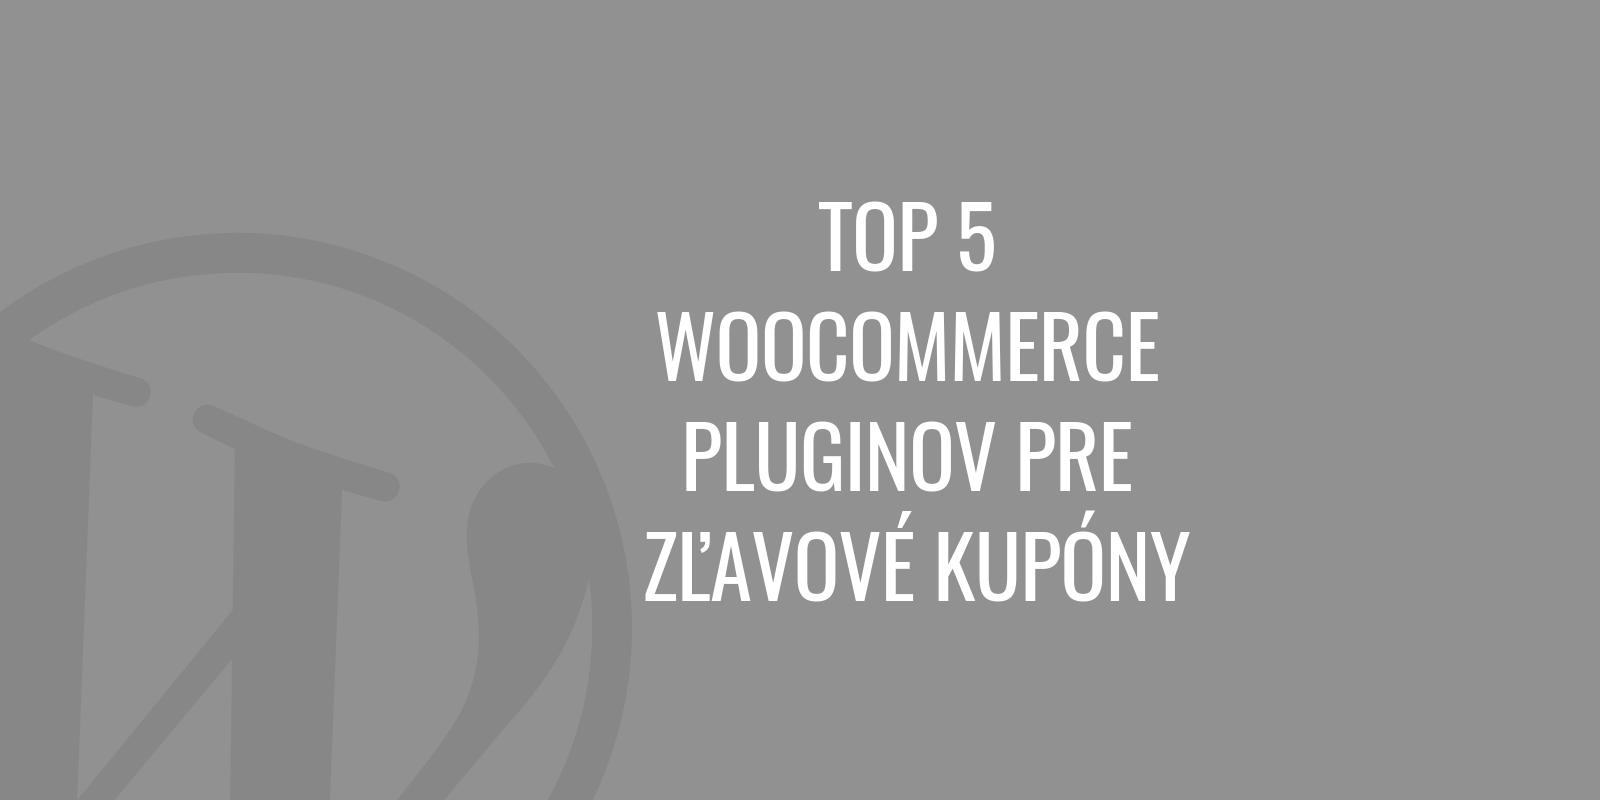 Top 5 WooCommerce pluginov pre zľavové kupóny